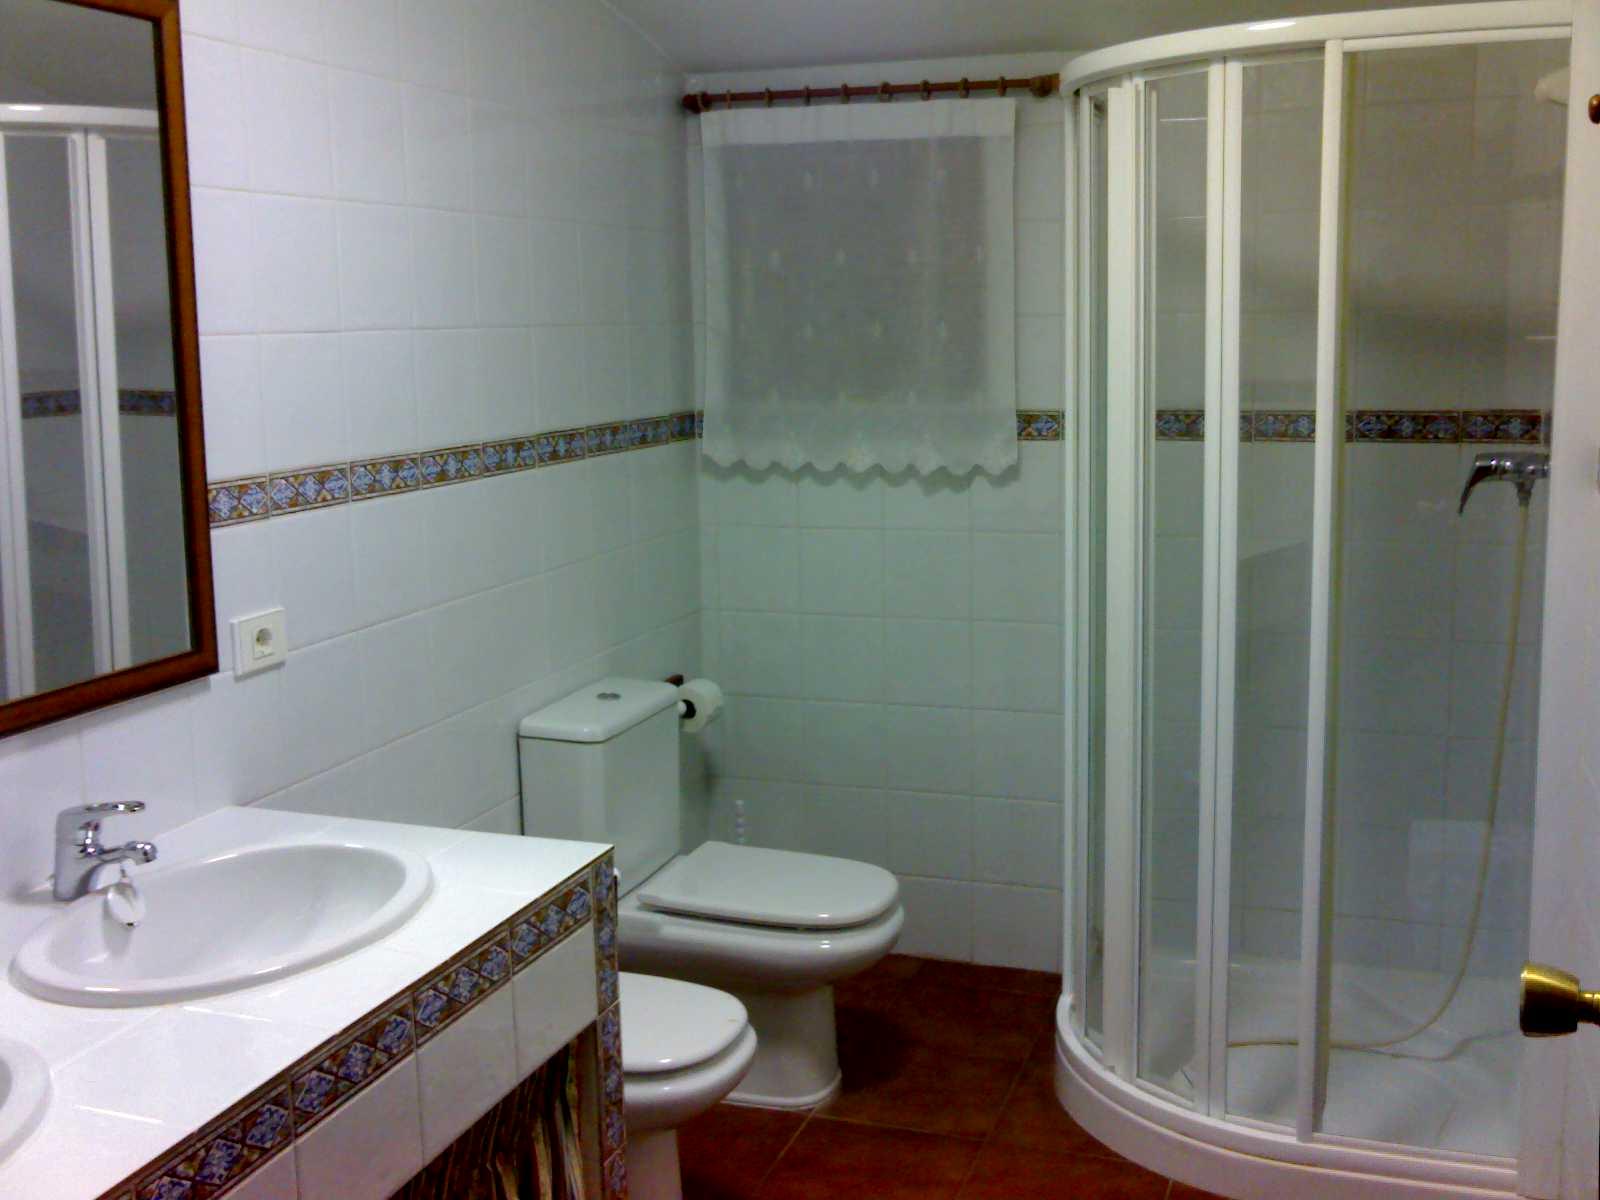 Accesorios De Baño Zafiro:filtros para agua equipos sanitarios accesorios de instalación de